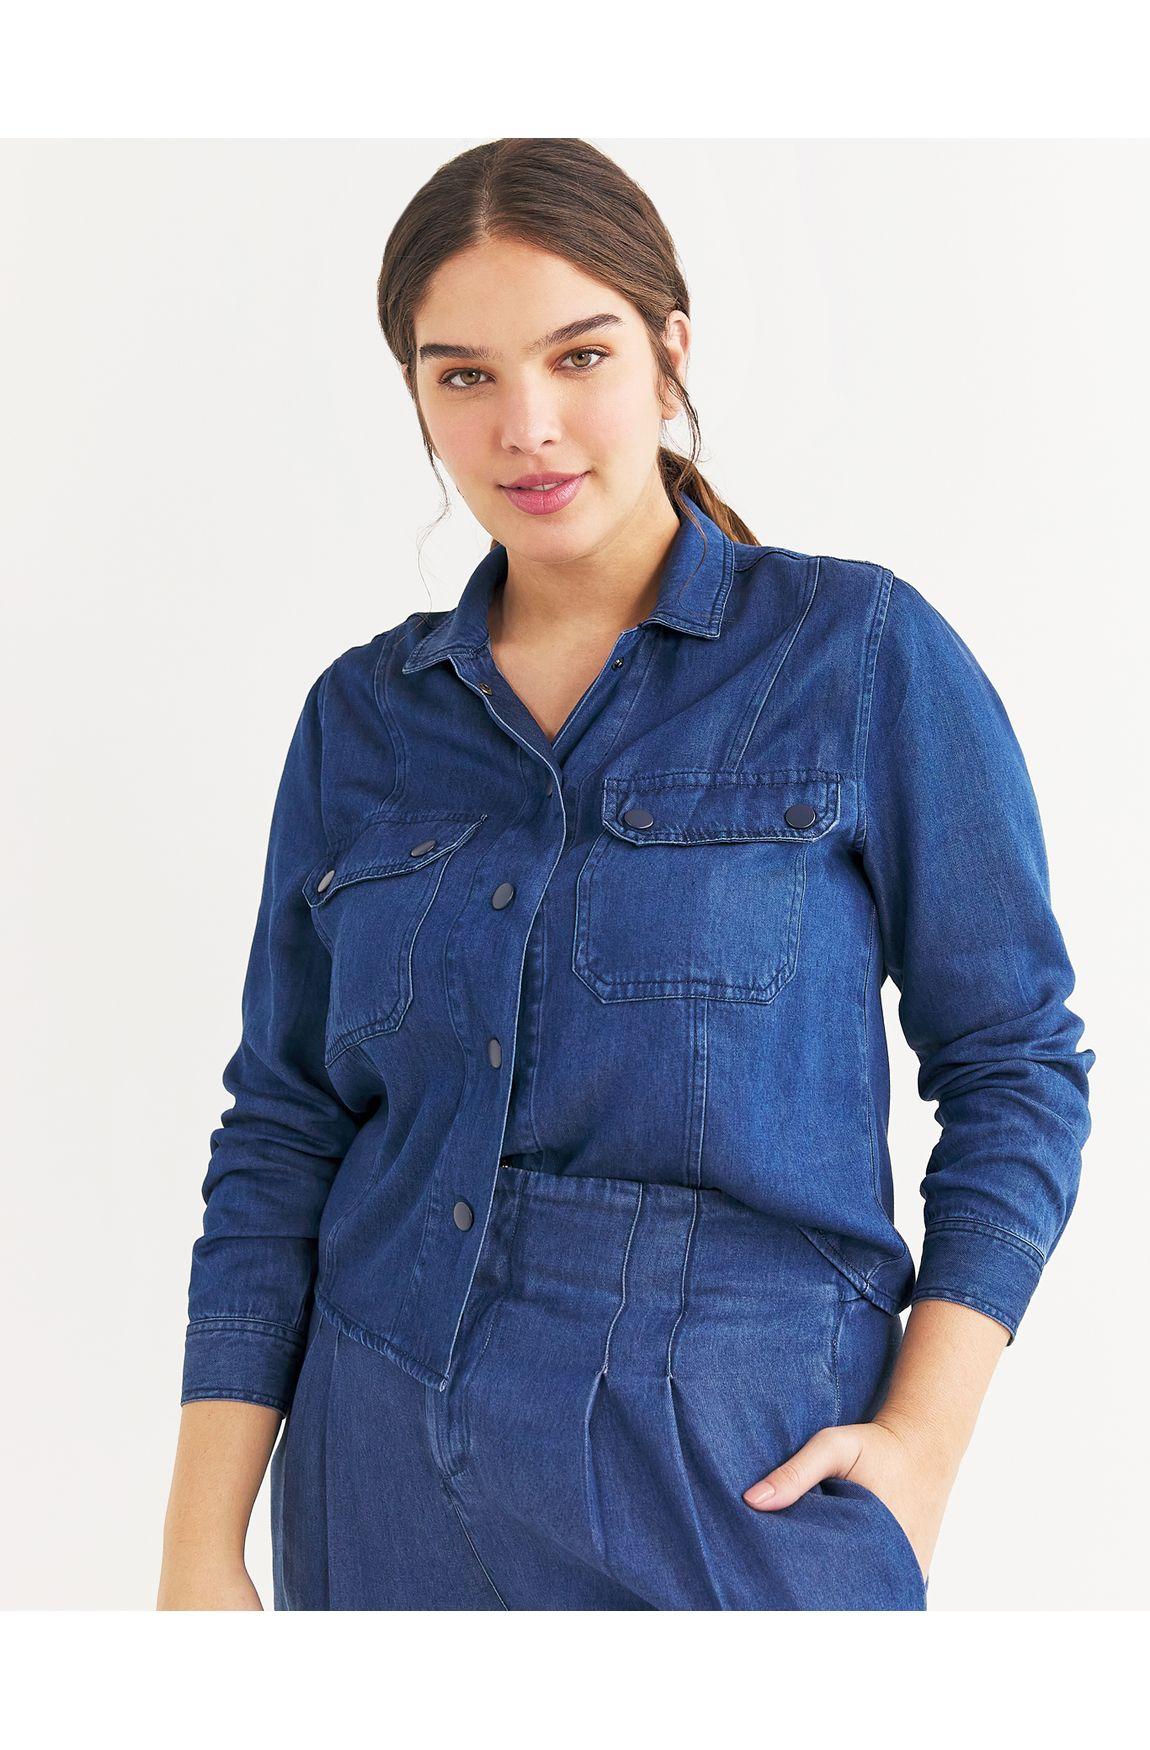 Camisa cropped liocel jeans